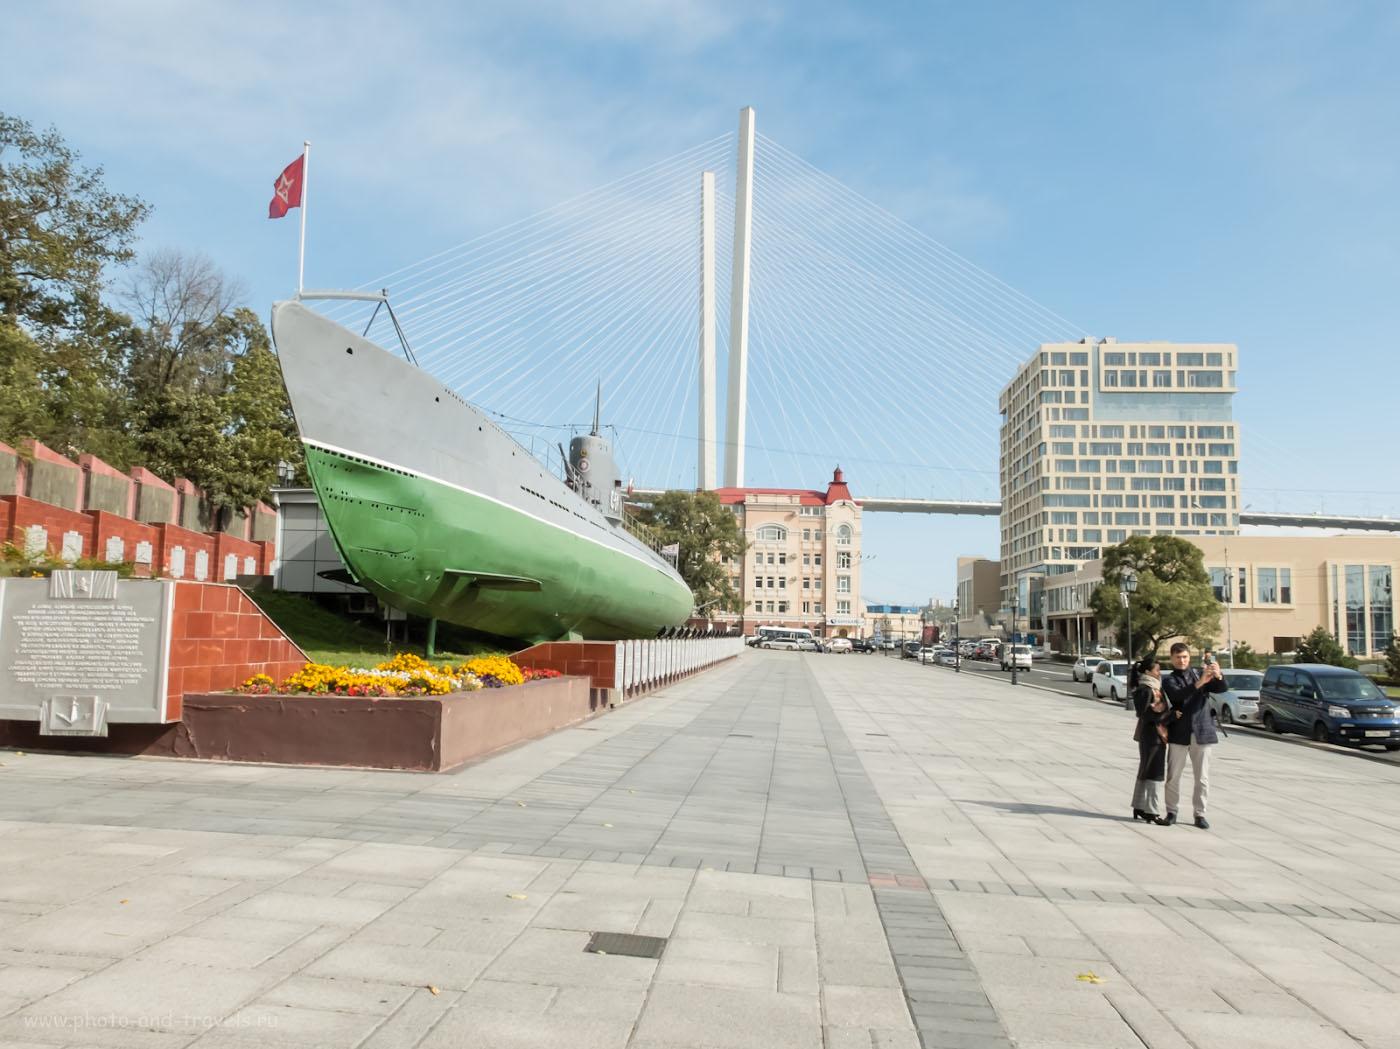 Фото 17. Мемориальная гвардейская подводная лодка С-56. Фотопрогулка по Владивостоку. Снято на мыльницу Fujifilm X30. Настройки: 1/300, +0.67, 8.0, 200, 7.1.